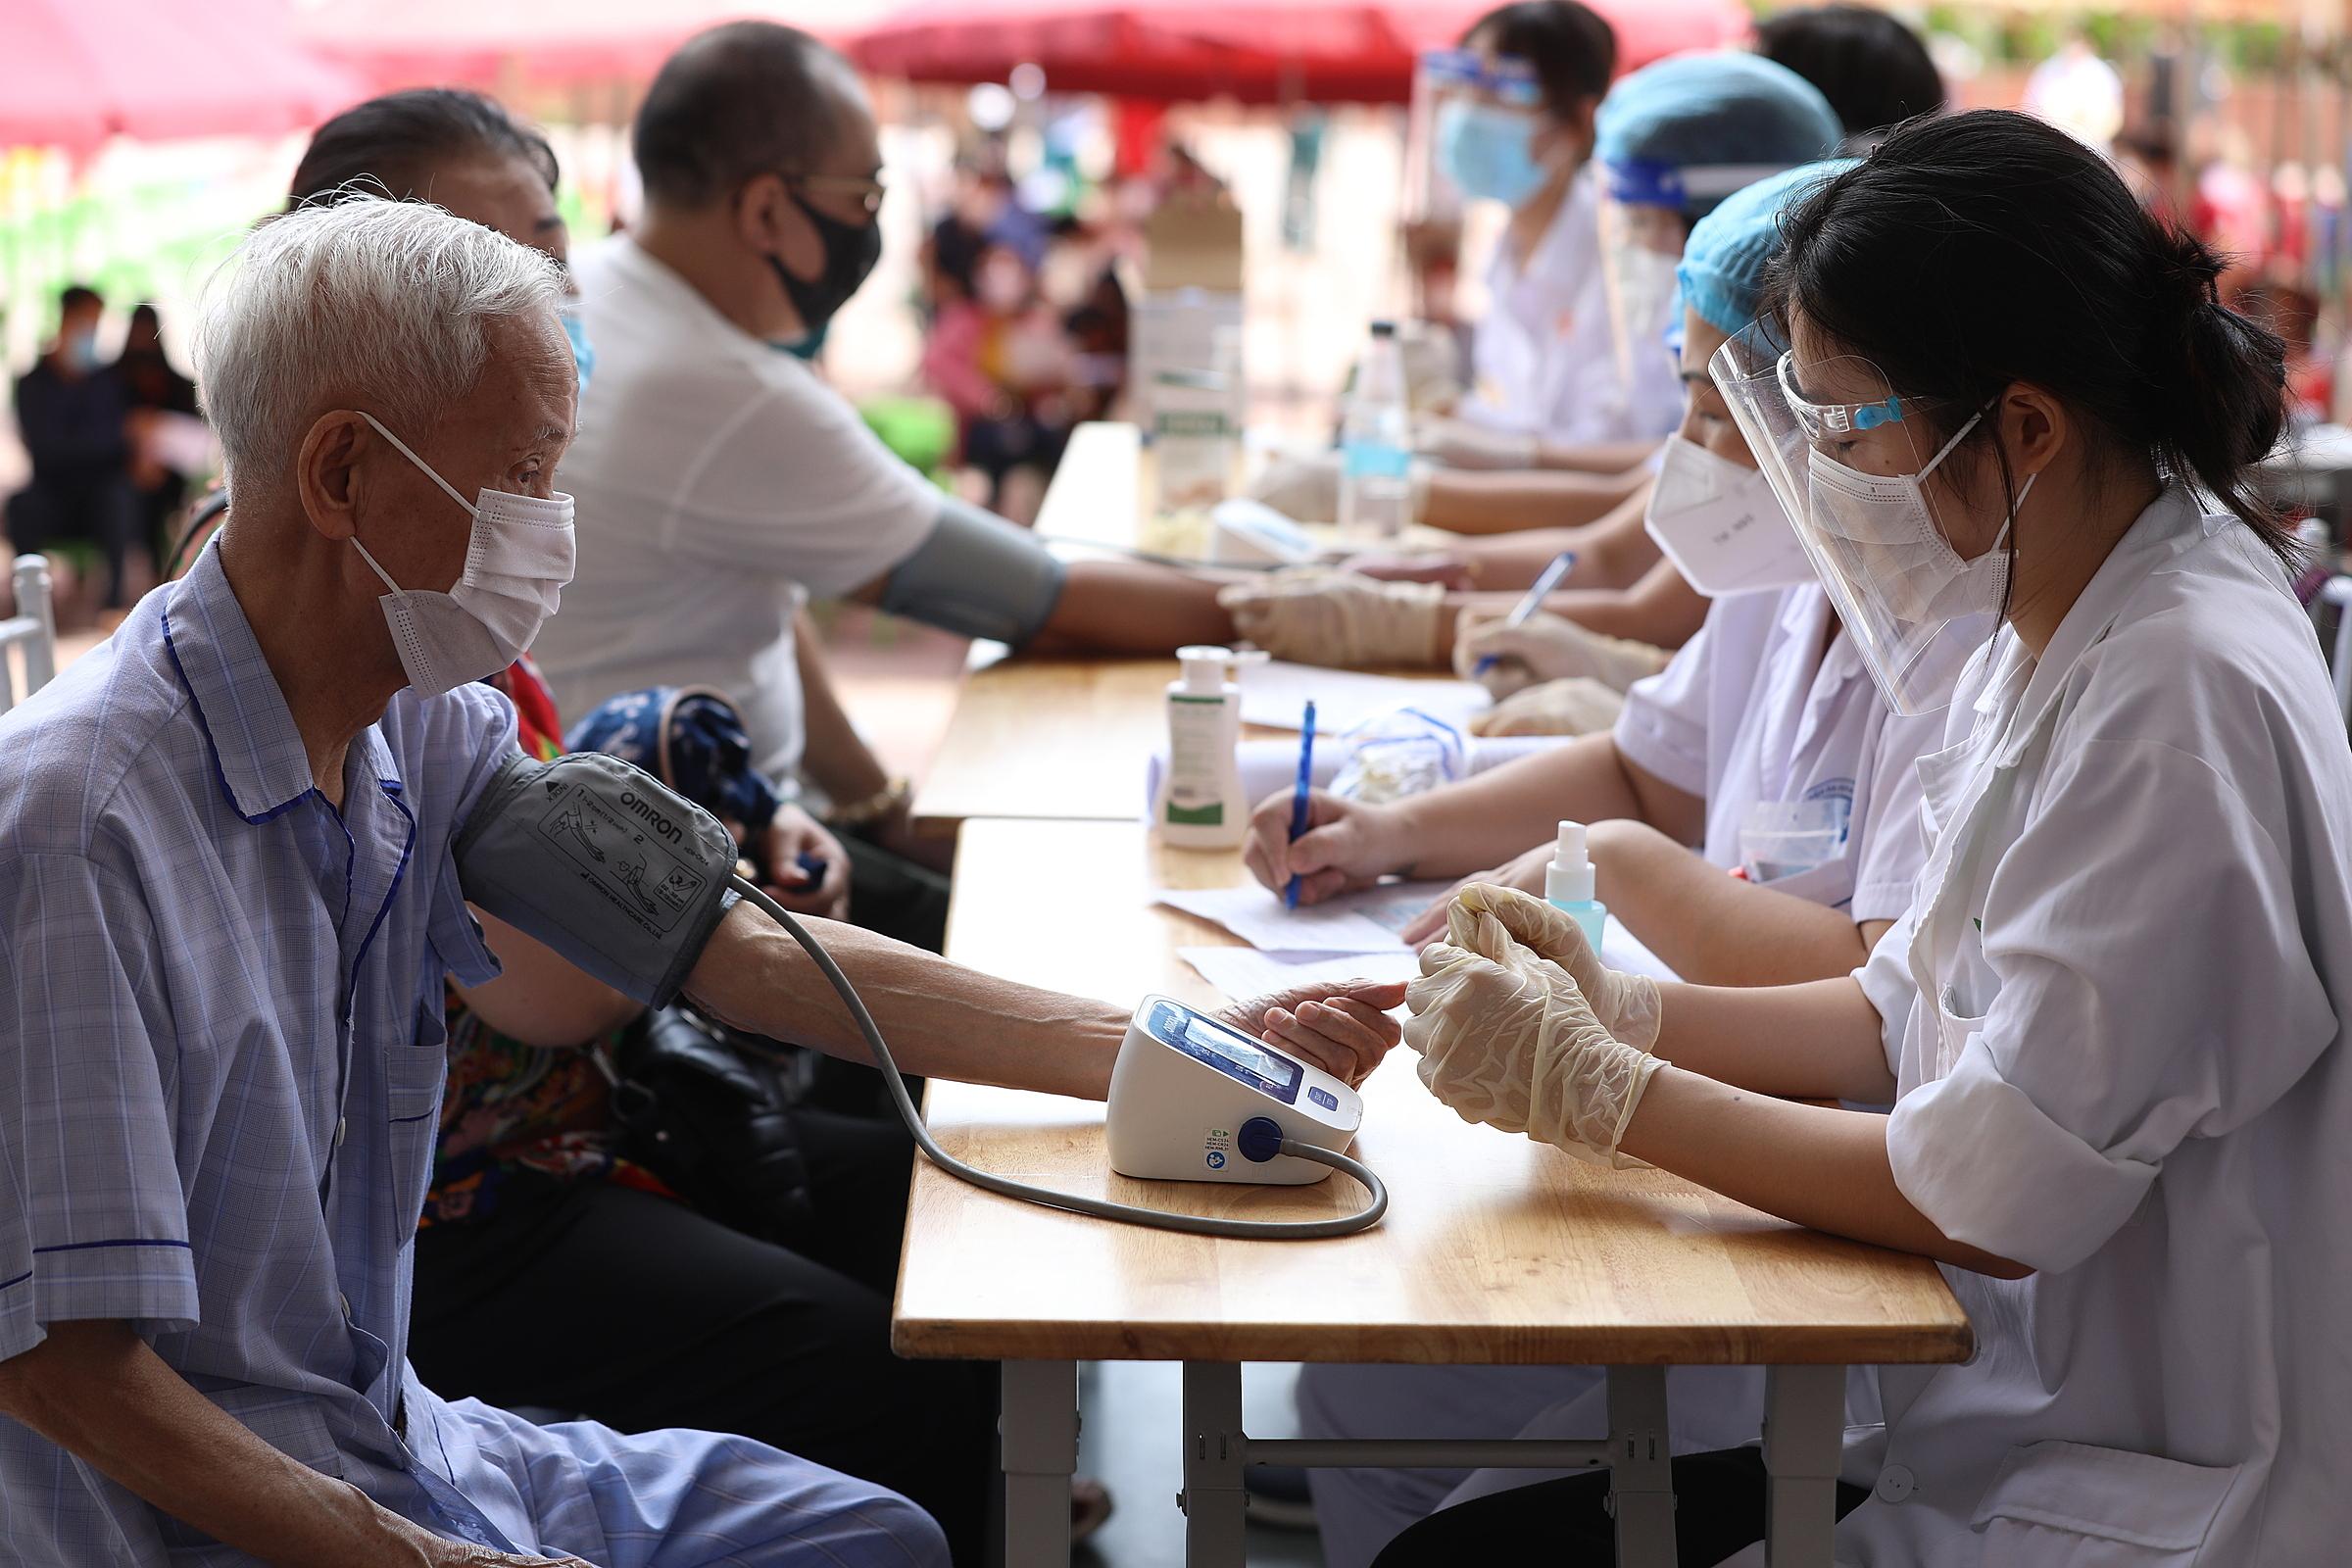 Người dân Hà Nội khám sàng lọc trước khi tiêm vaccine, tại cung Hữu Nghị, tháng 9/2021. Ảnh: Ngọc Thành